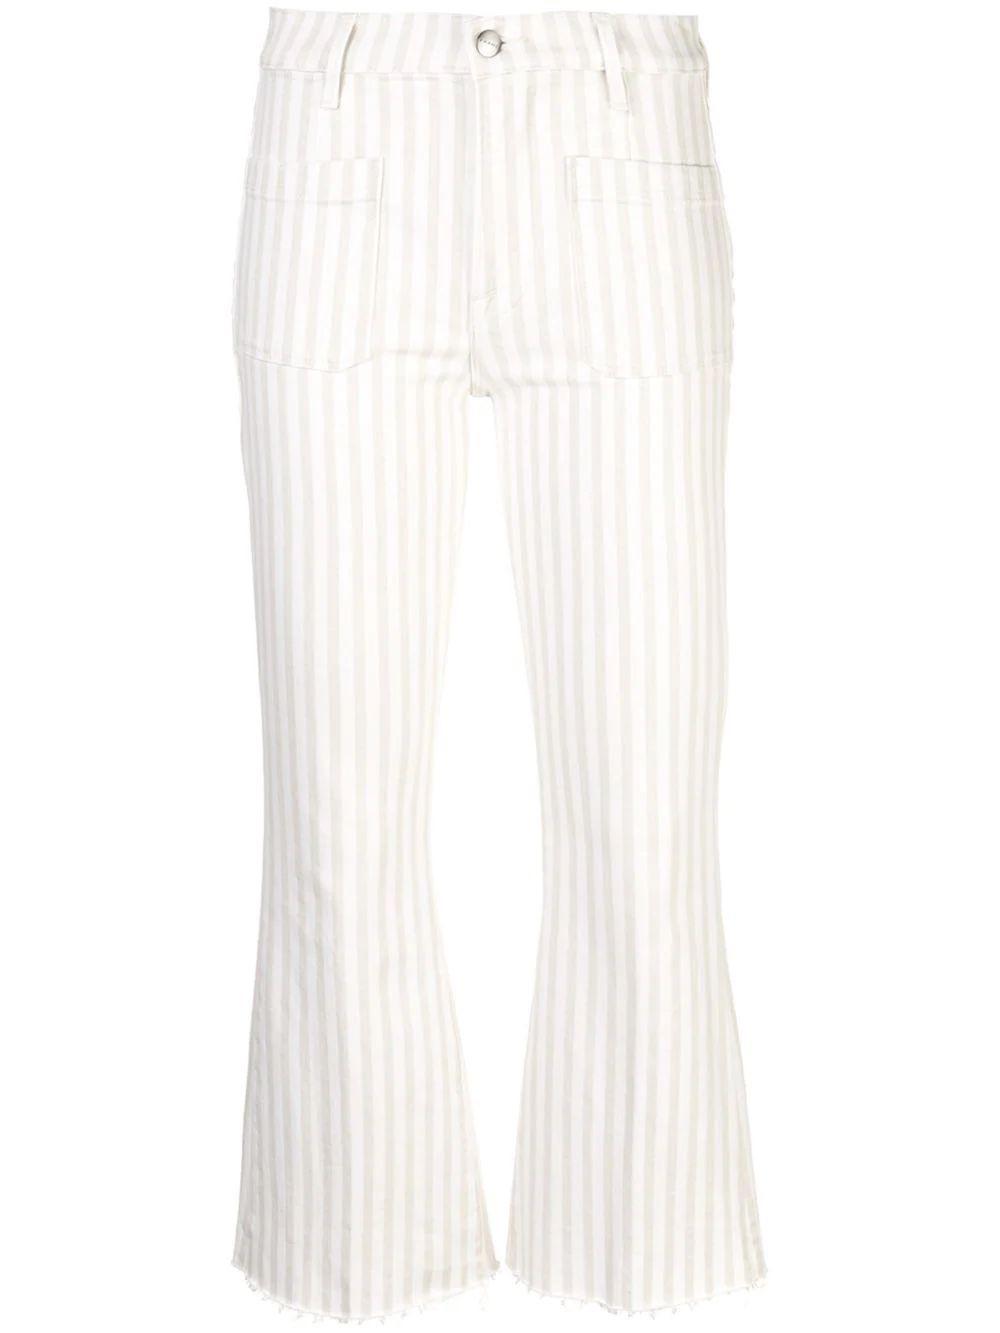 Le Bardot Stripe Patch Pocket Crop Flare Item # LBCFRA009S